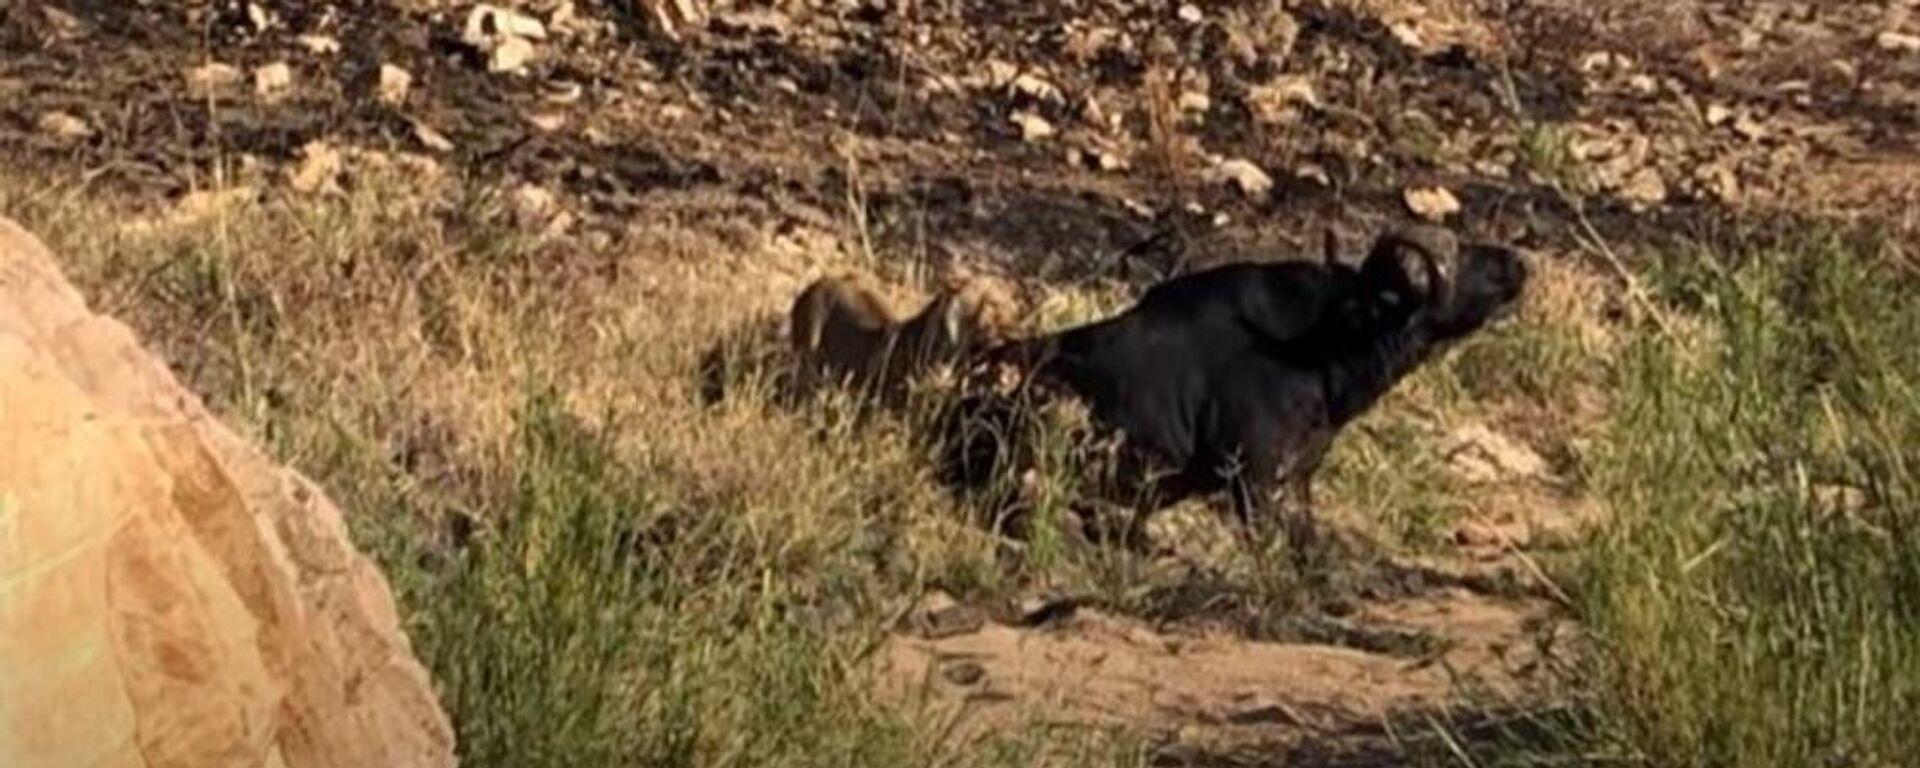 Λέαινα κυνηγάει βουβάλι στο εθνικό πάρκο άγριας ζωής Kruger στη Νότια Αφρική - Sputnik Ελλάδα, 1920, 18.07.2021